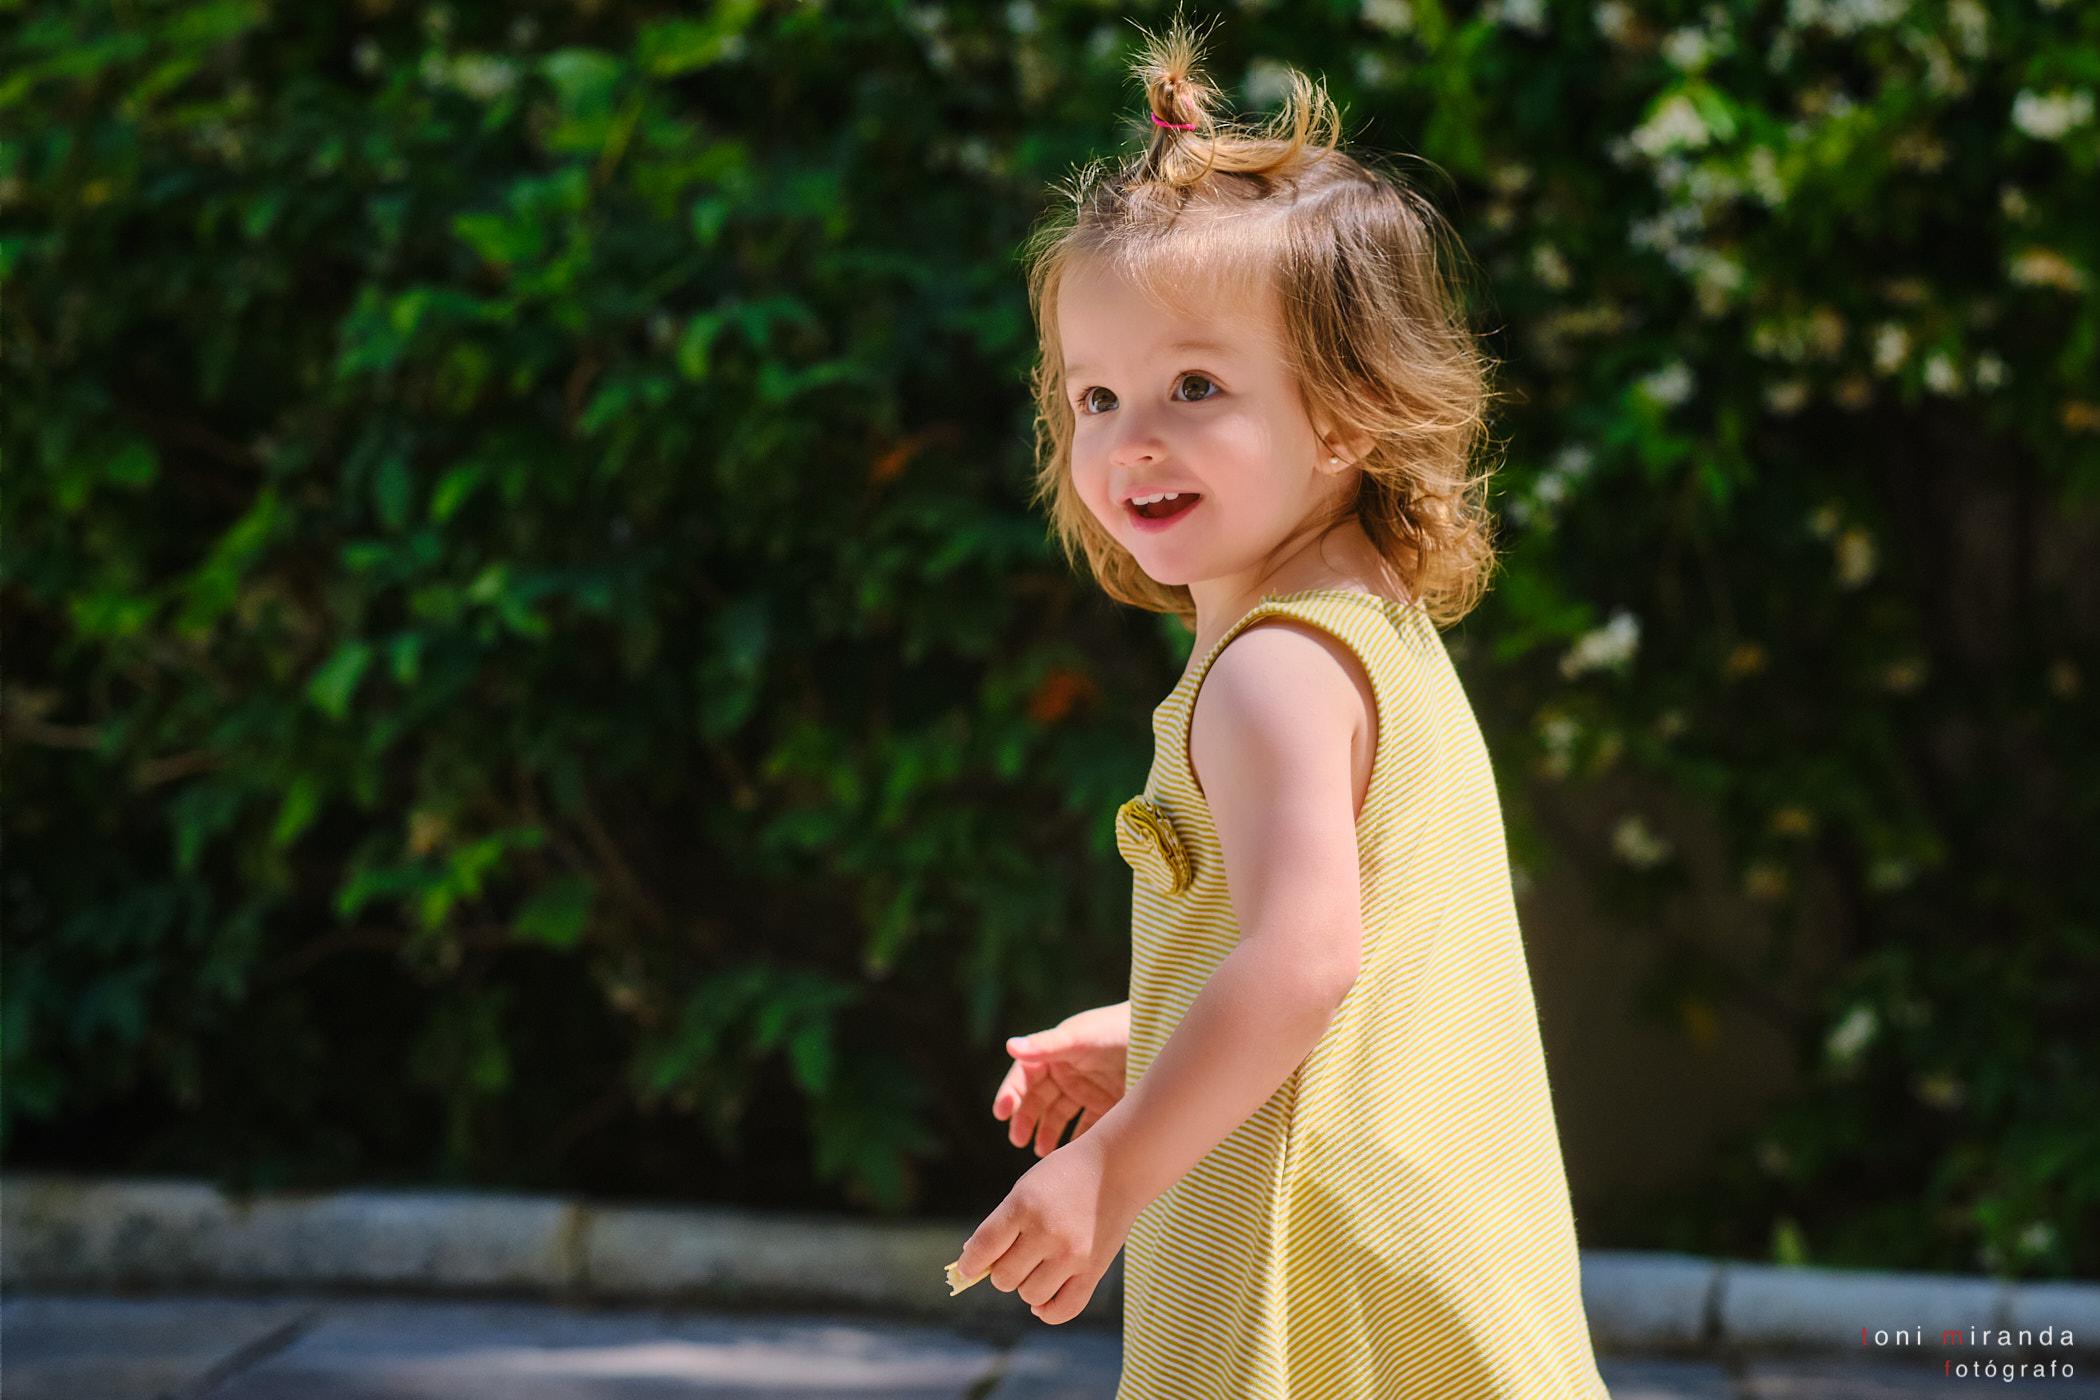 niña jugando en el parque